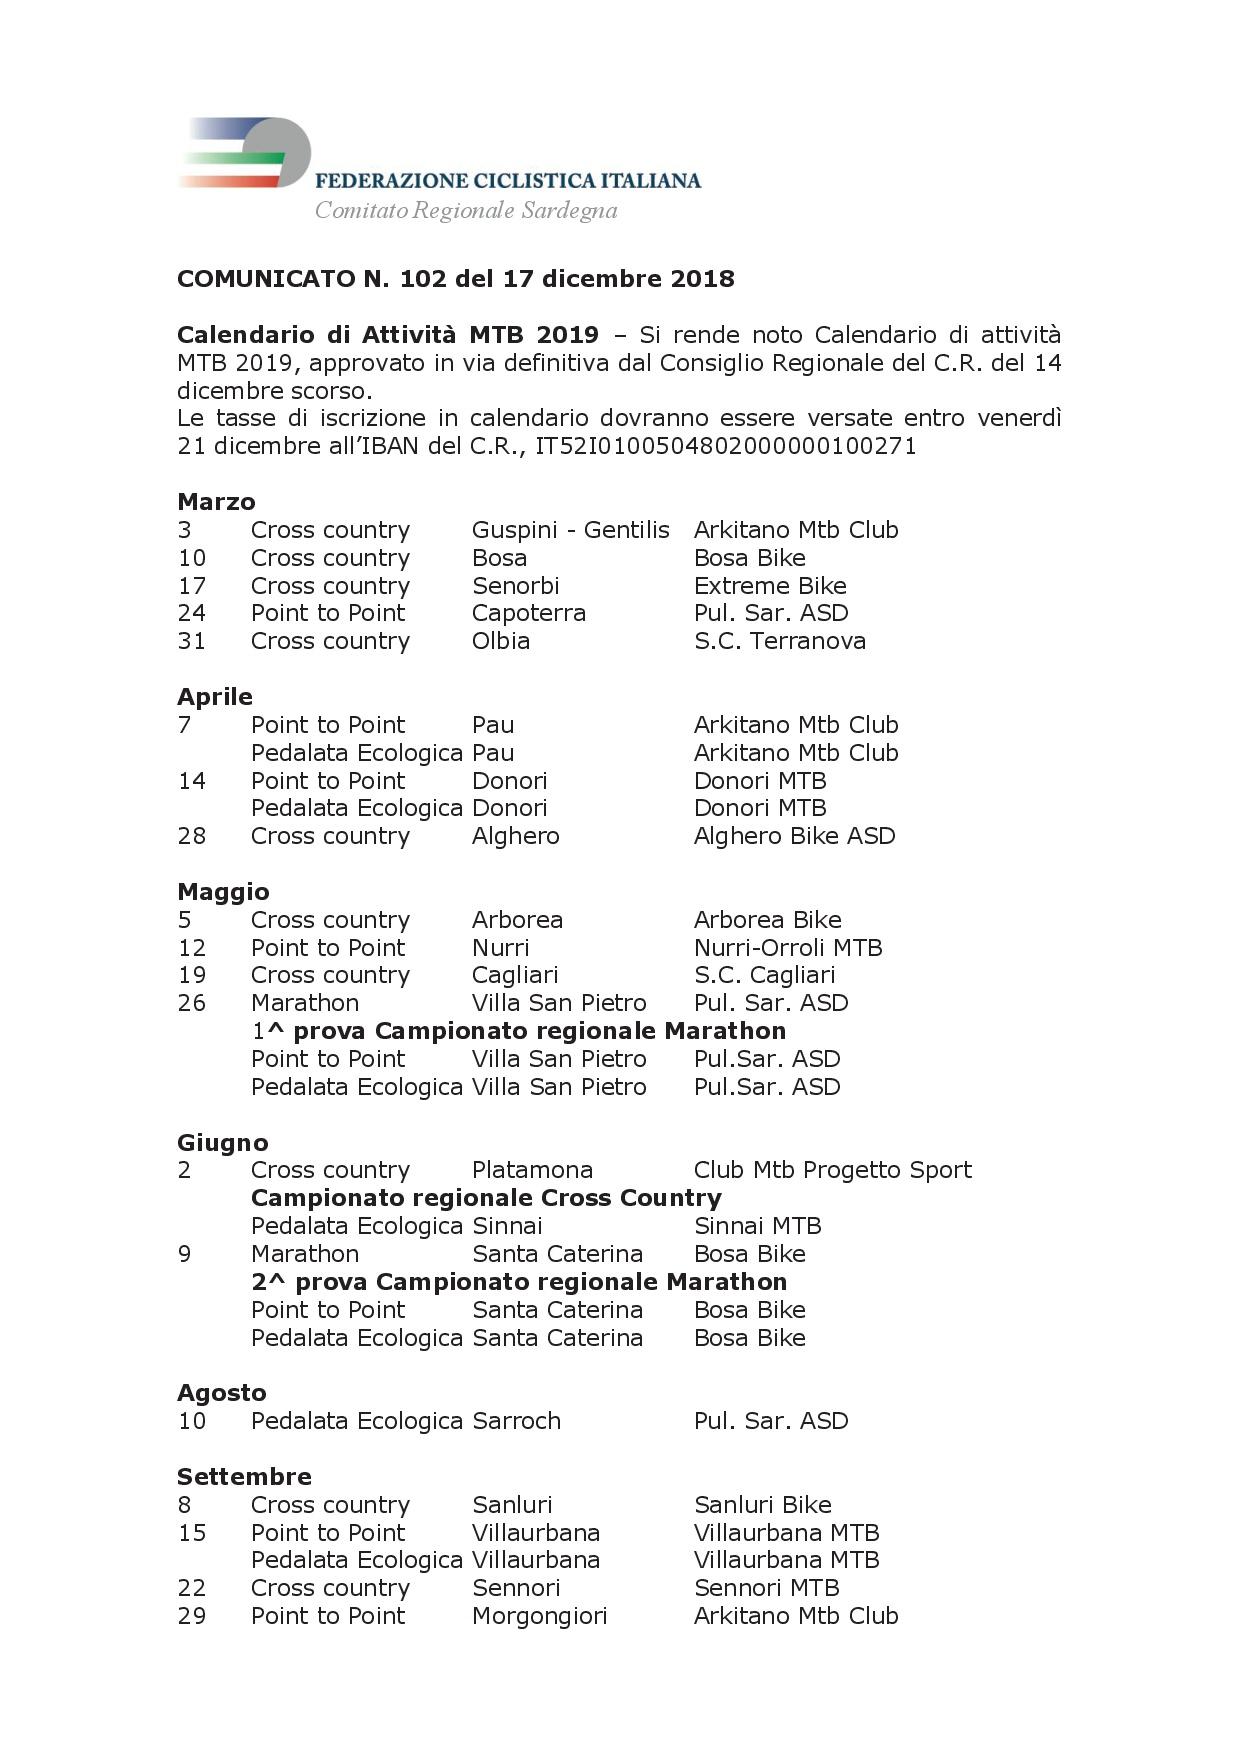 Calendario Mtb.Pul Sar Calendario Attivita Mtb 2019 Sito Ufficiale Della